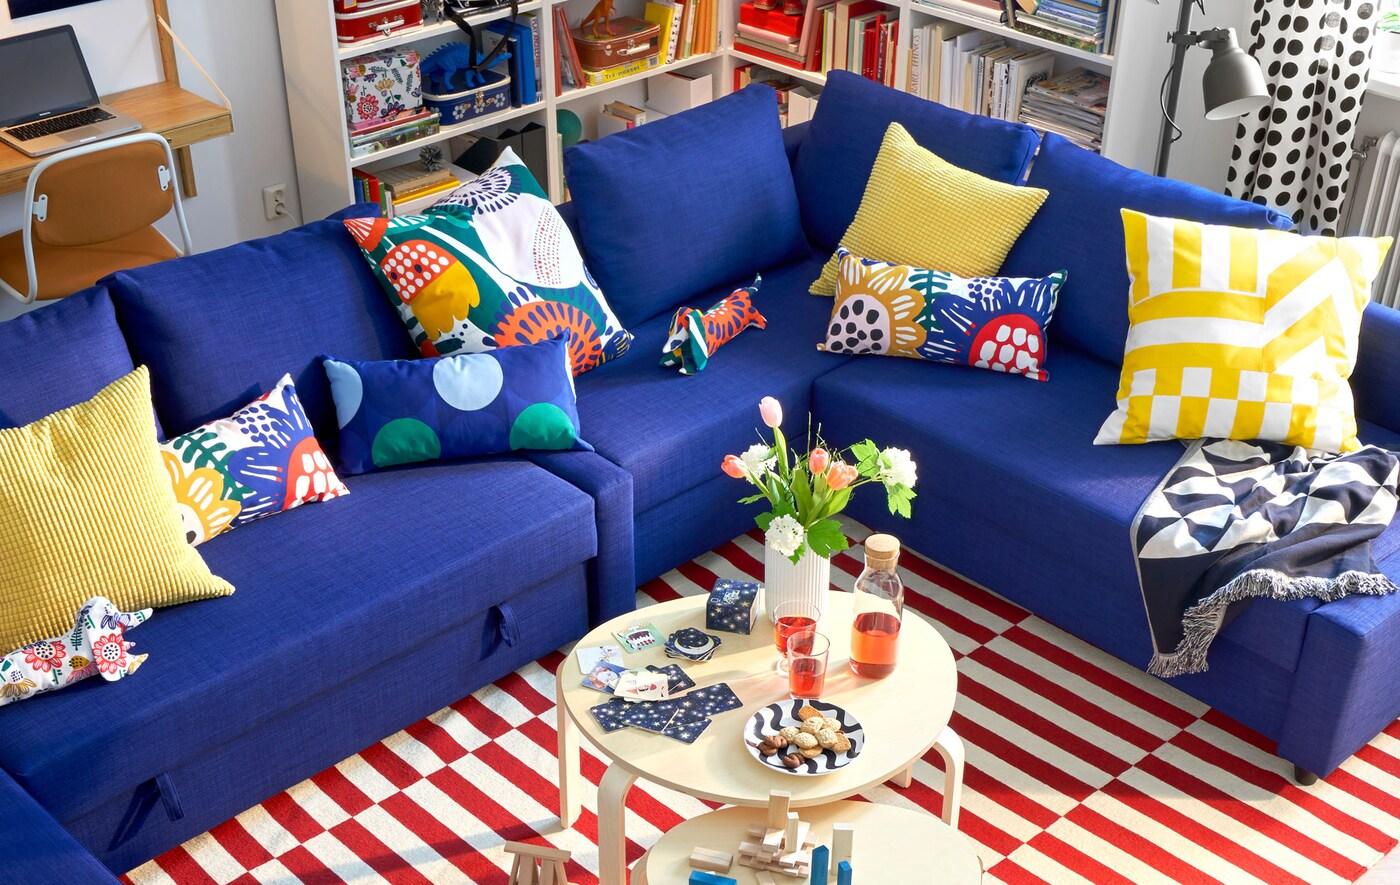 Ein blaues Ecksofa mit bunten Kissen, zwei runden Couchtischen und einem gestreiften Teppich.